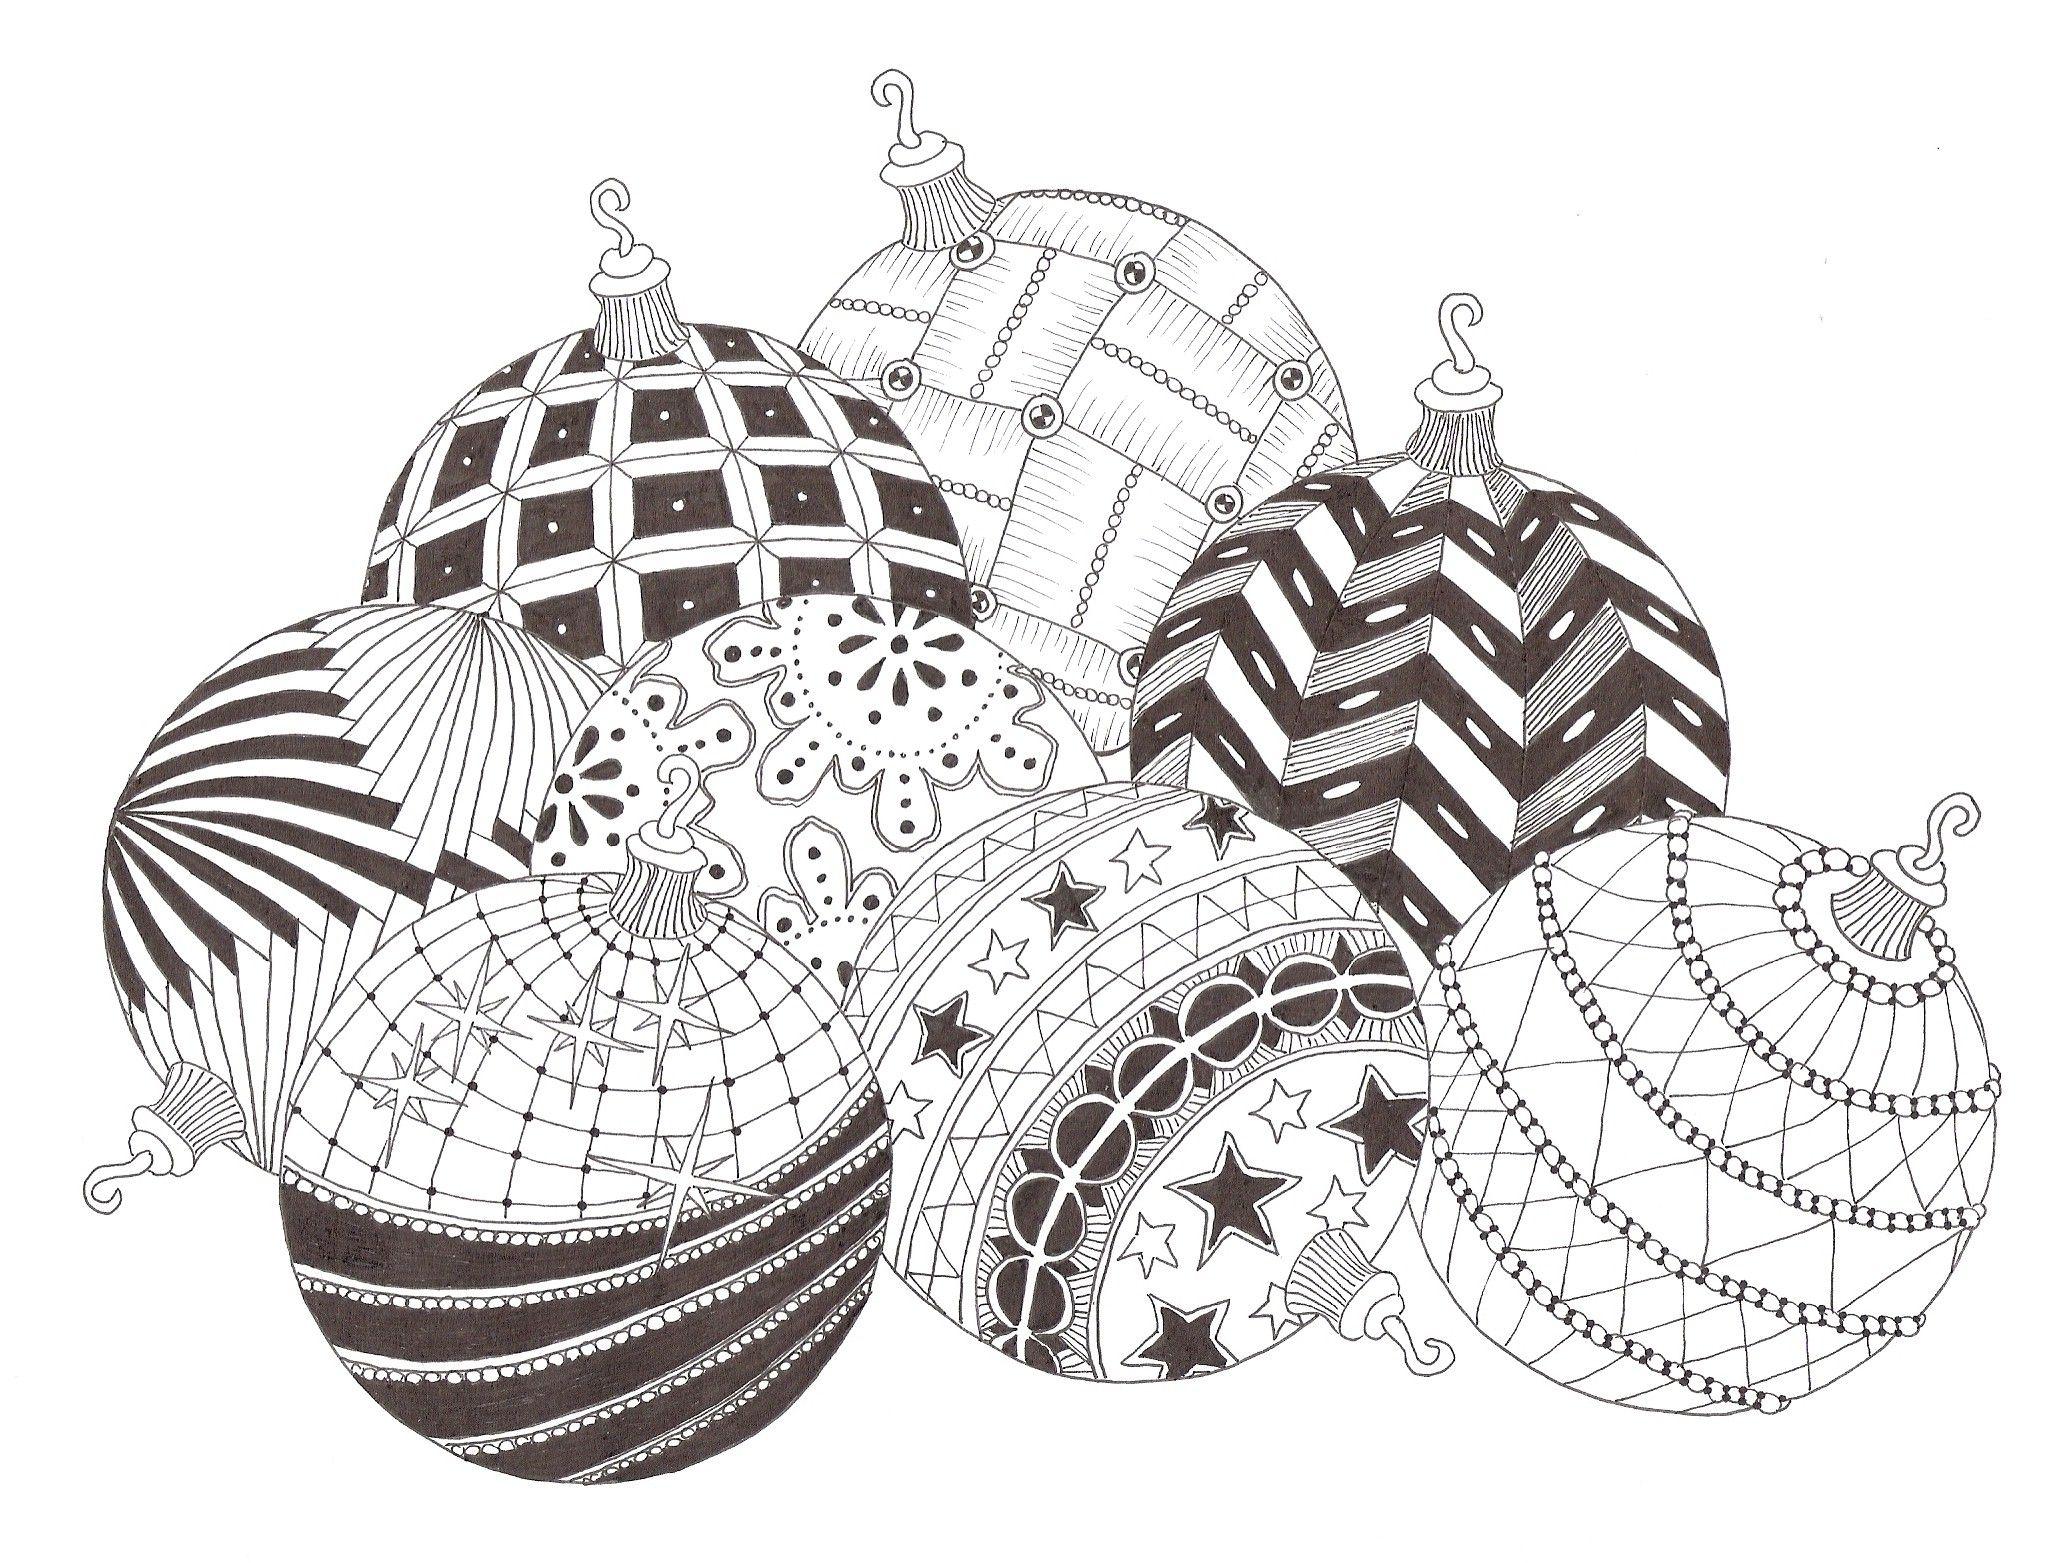 Zentangle Made By Mariska Den Boer 65 Zentangle Patterns Christmas Doodles Zentangle